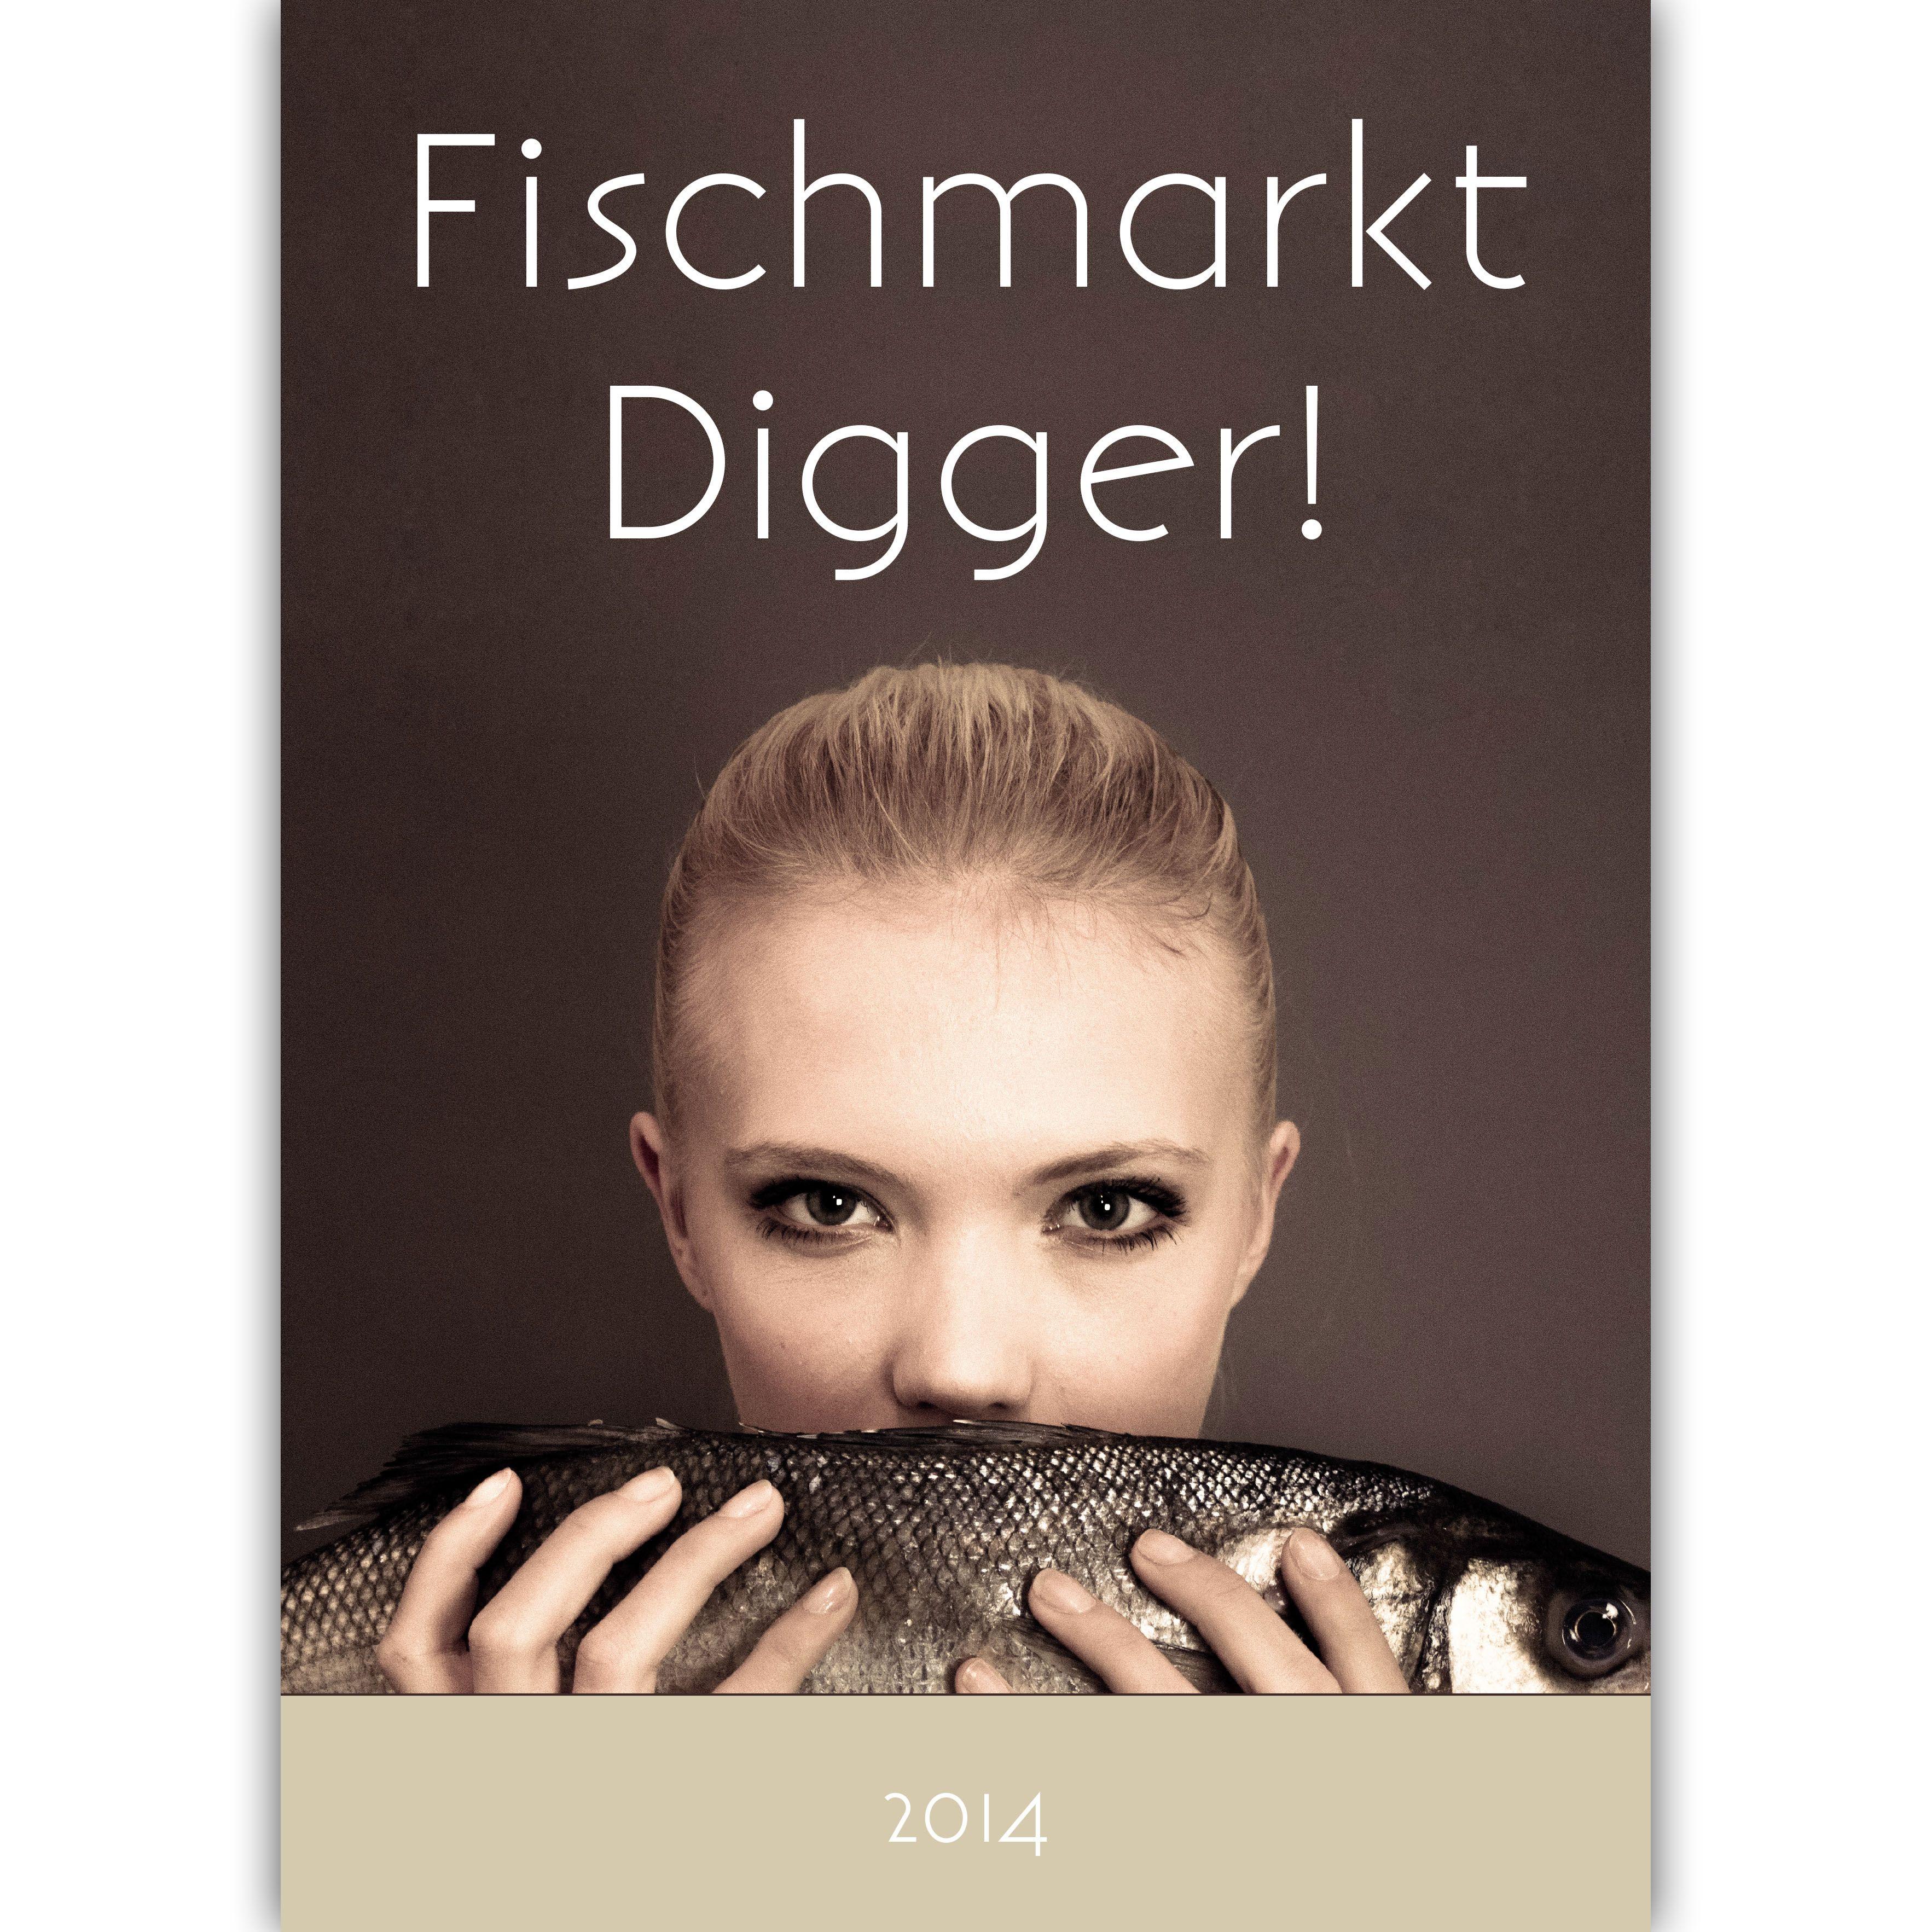 Fischmarkt Digger Jahreskalender 2014